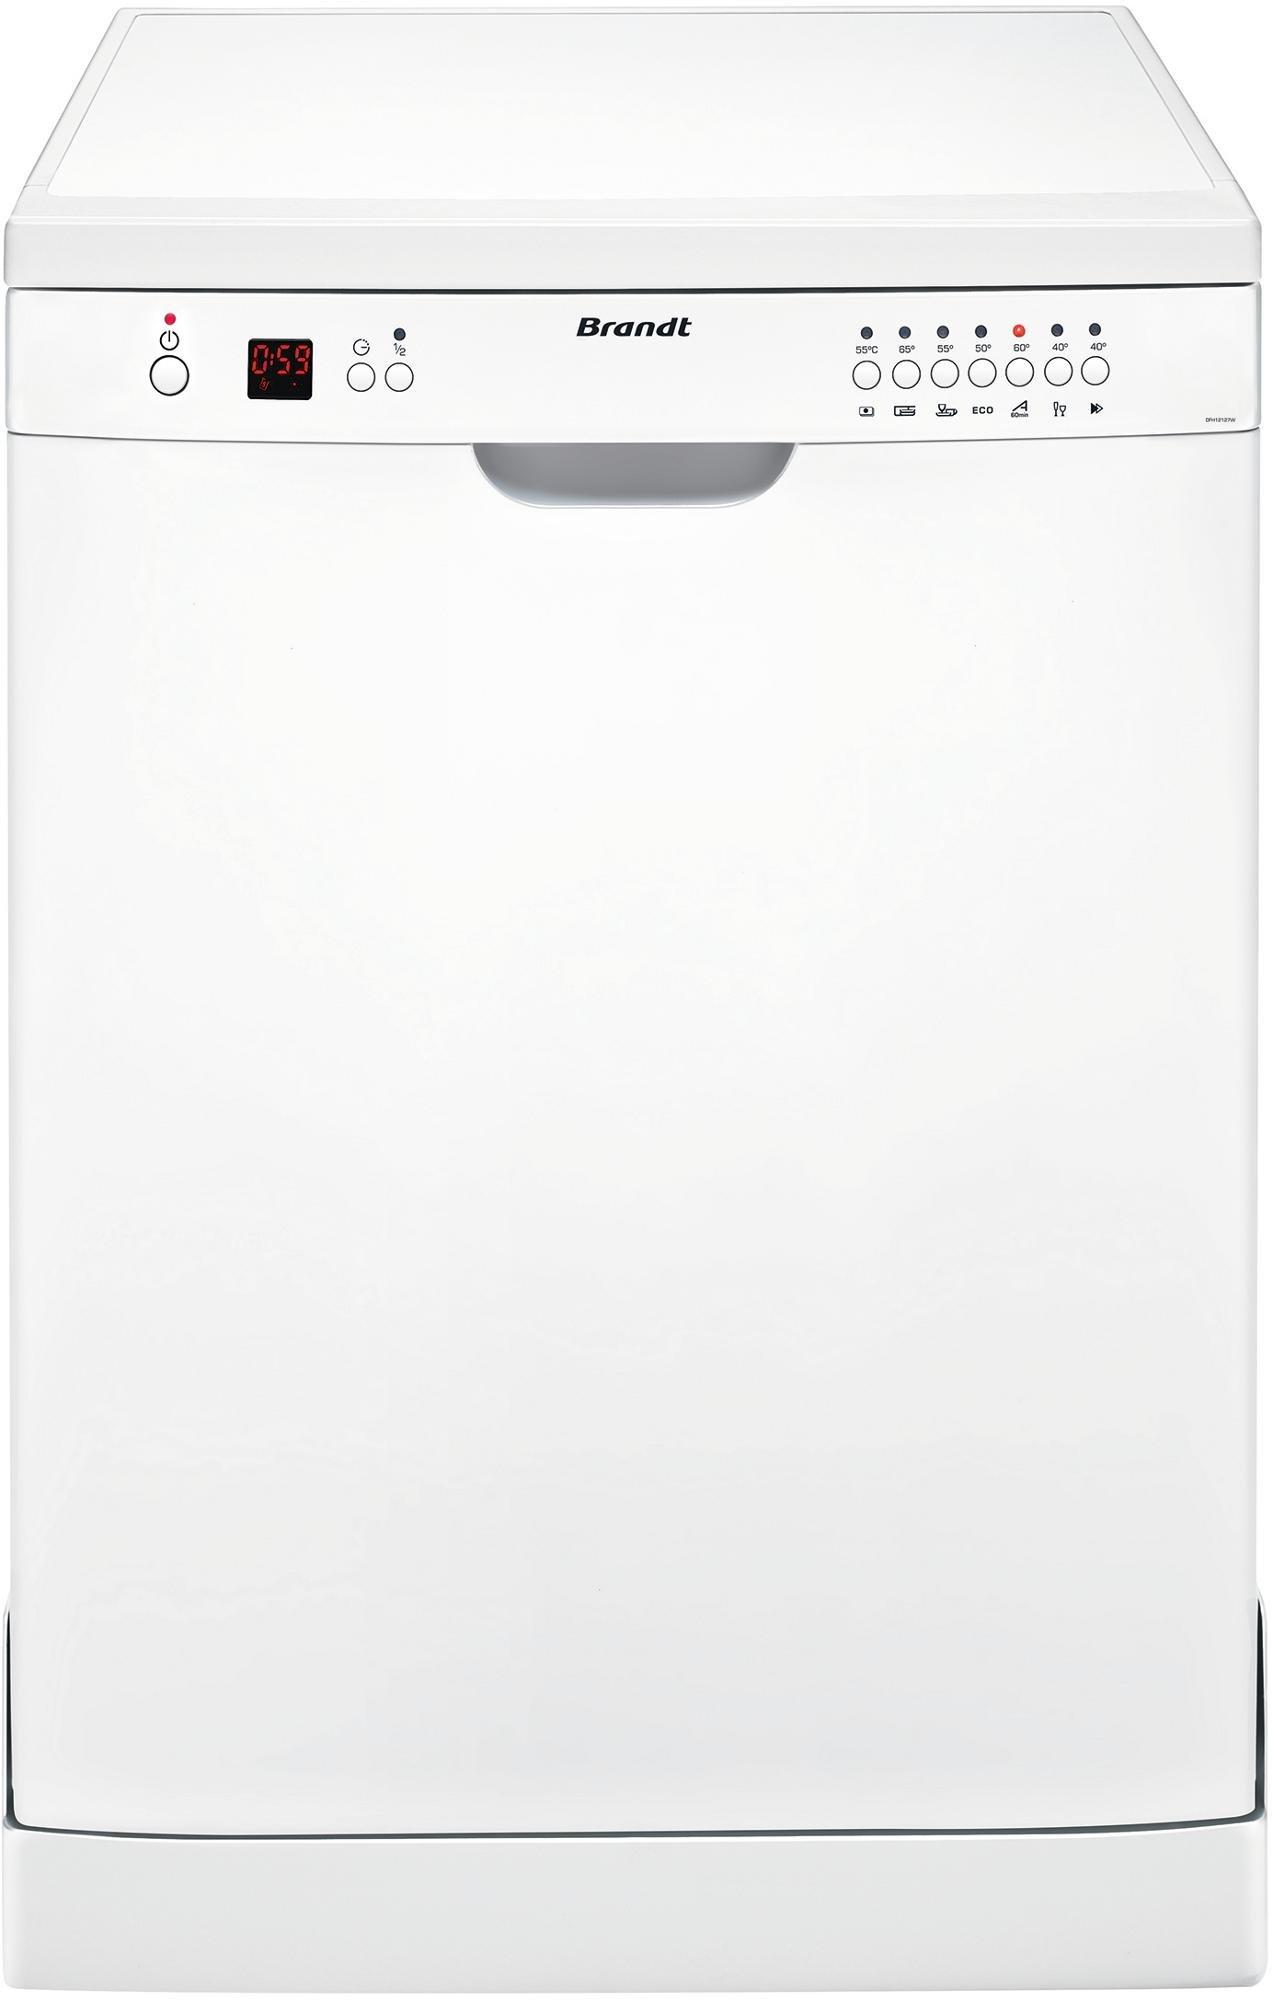 Brandt DFH12127W Autonome 12places A+ lave-vaisselle - Lave-vaisselles (Autonome, Blanc, Blanc, boutons, 24 cm, 30 cm) product image